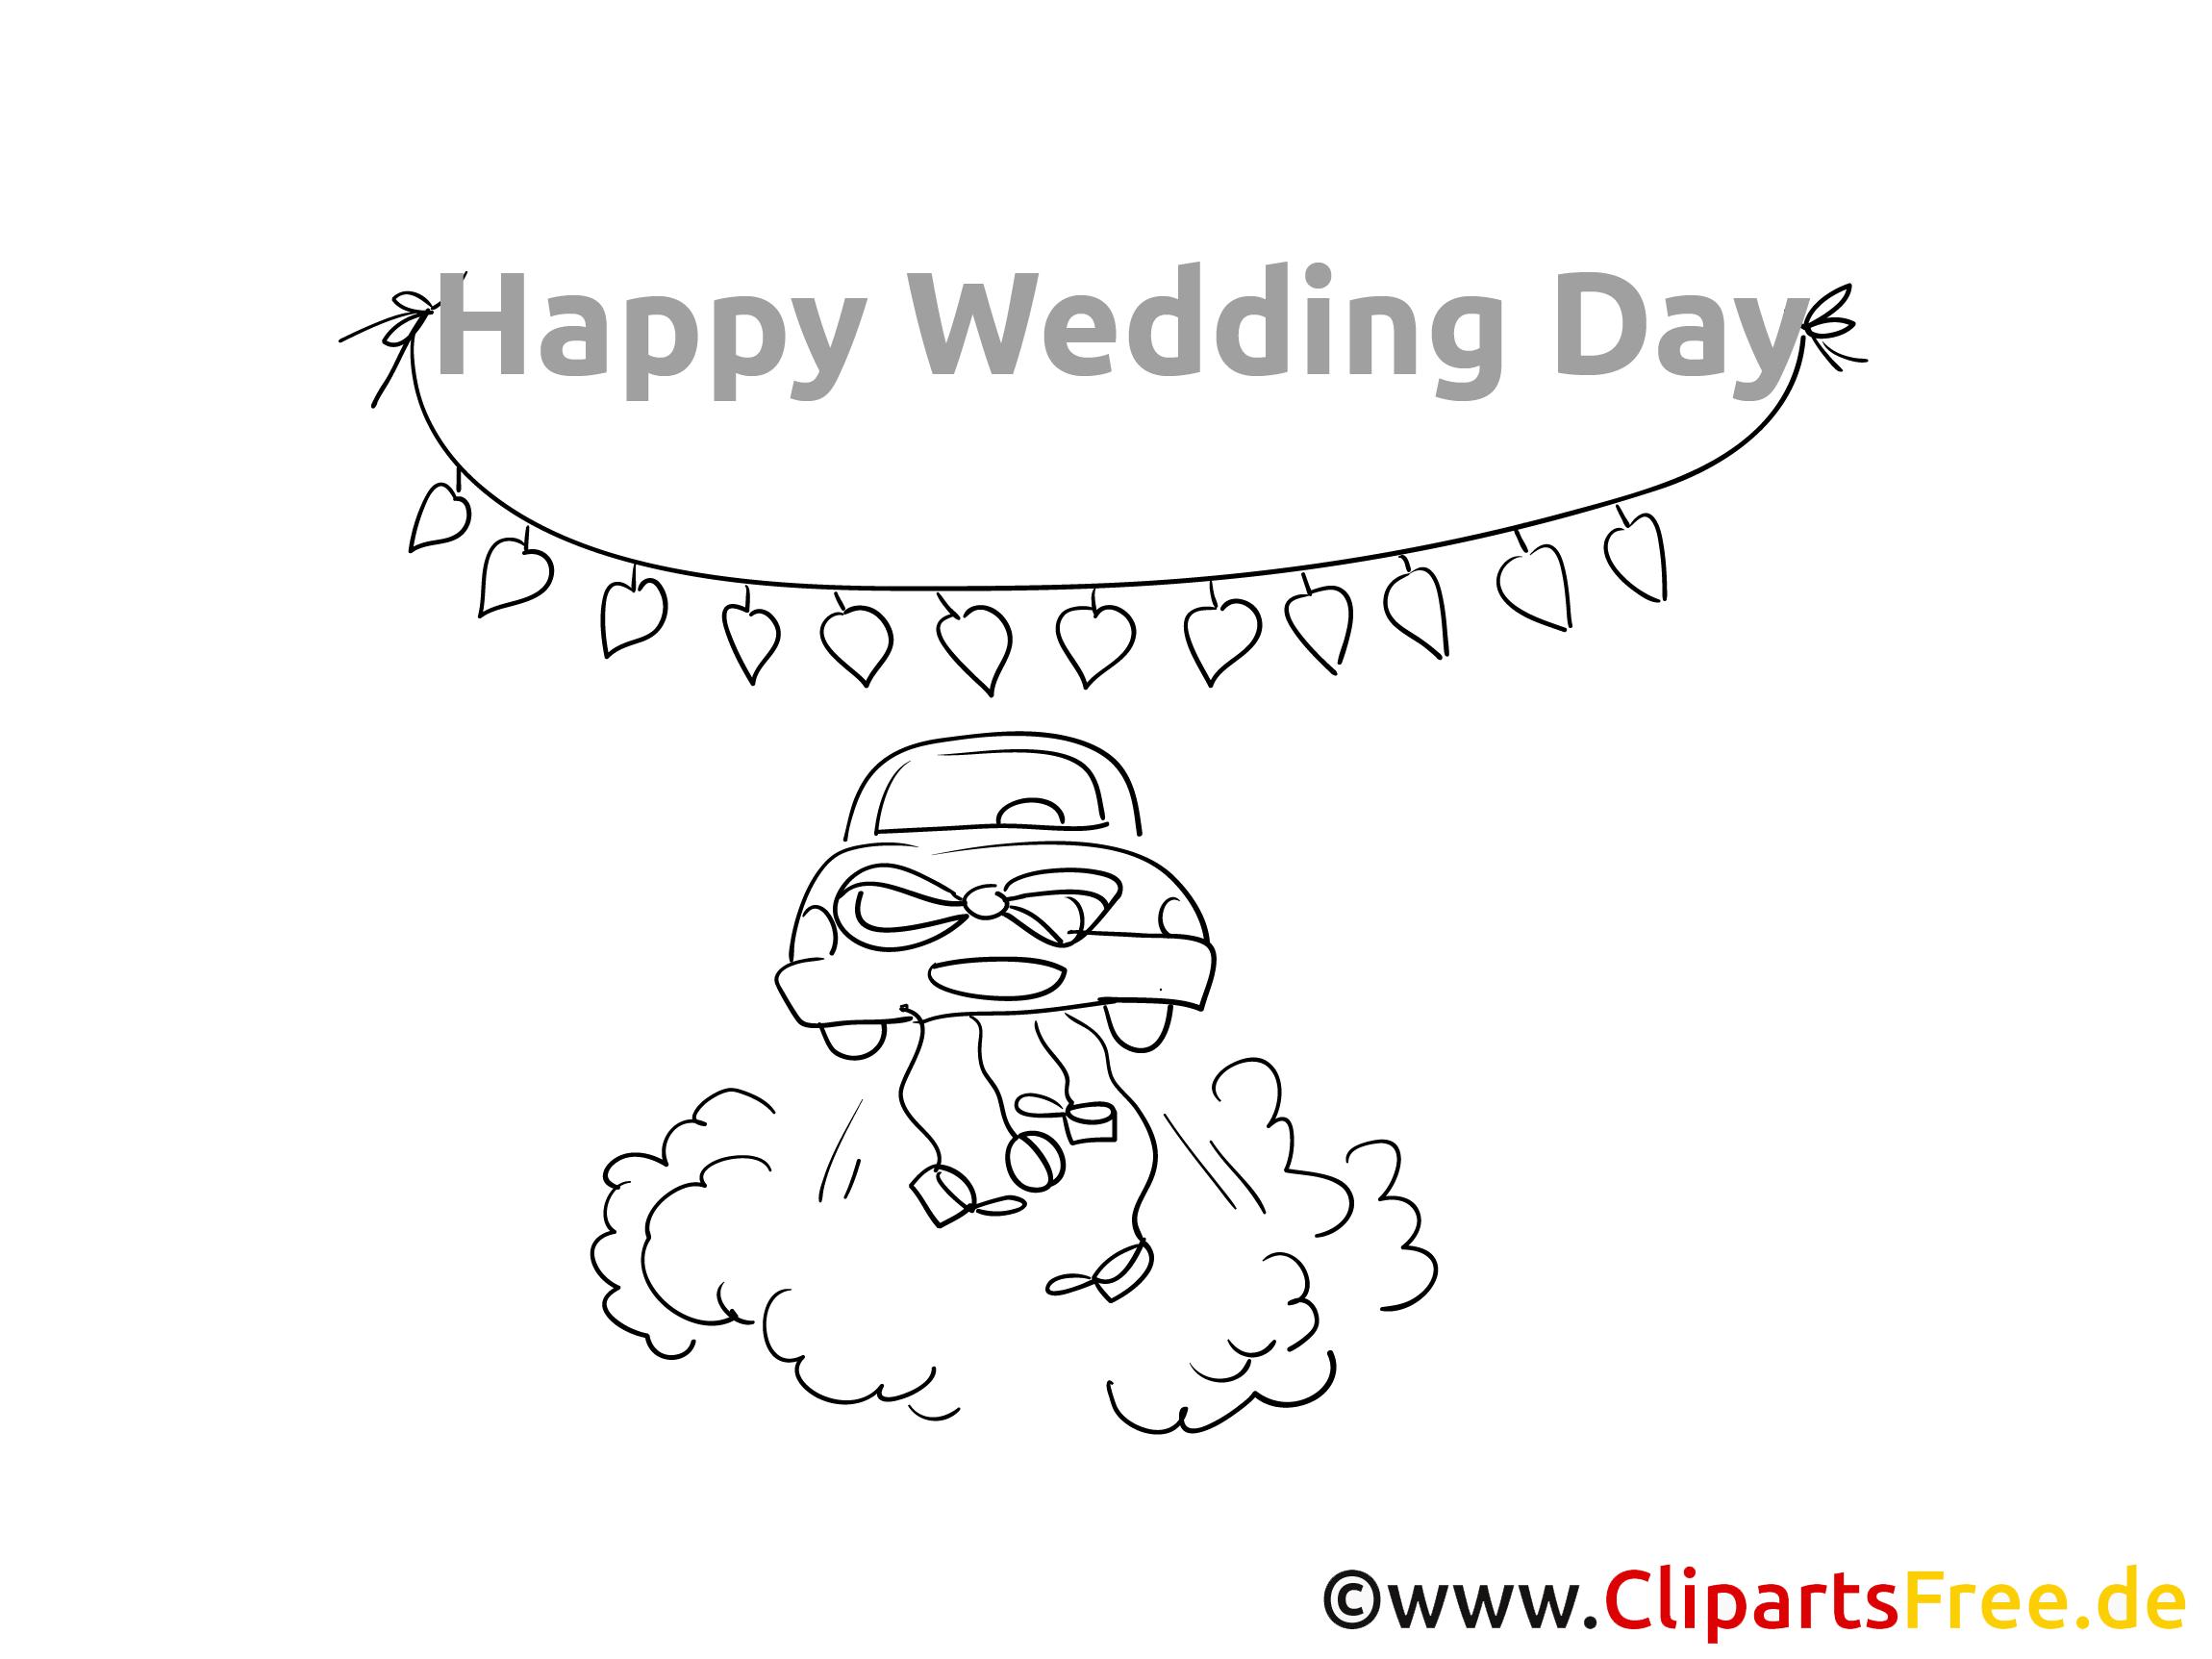 Hochzeitsausmalbilder zum Ausmalen